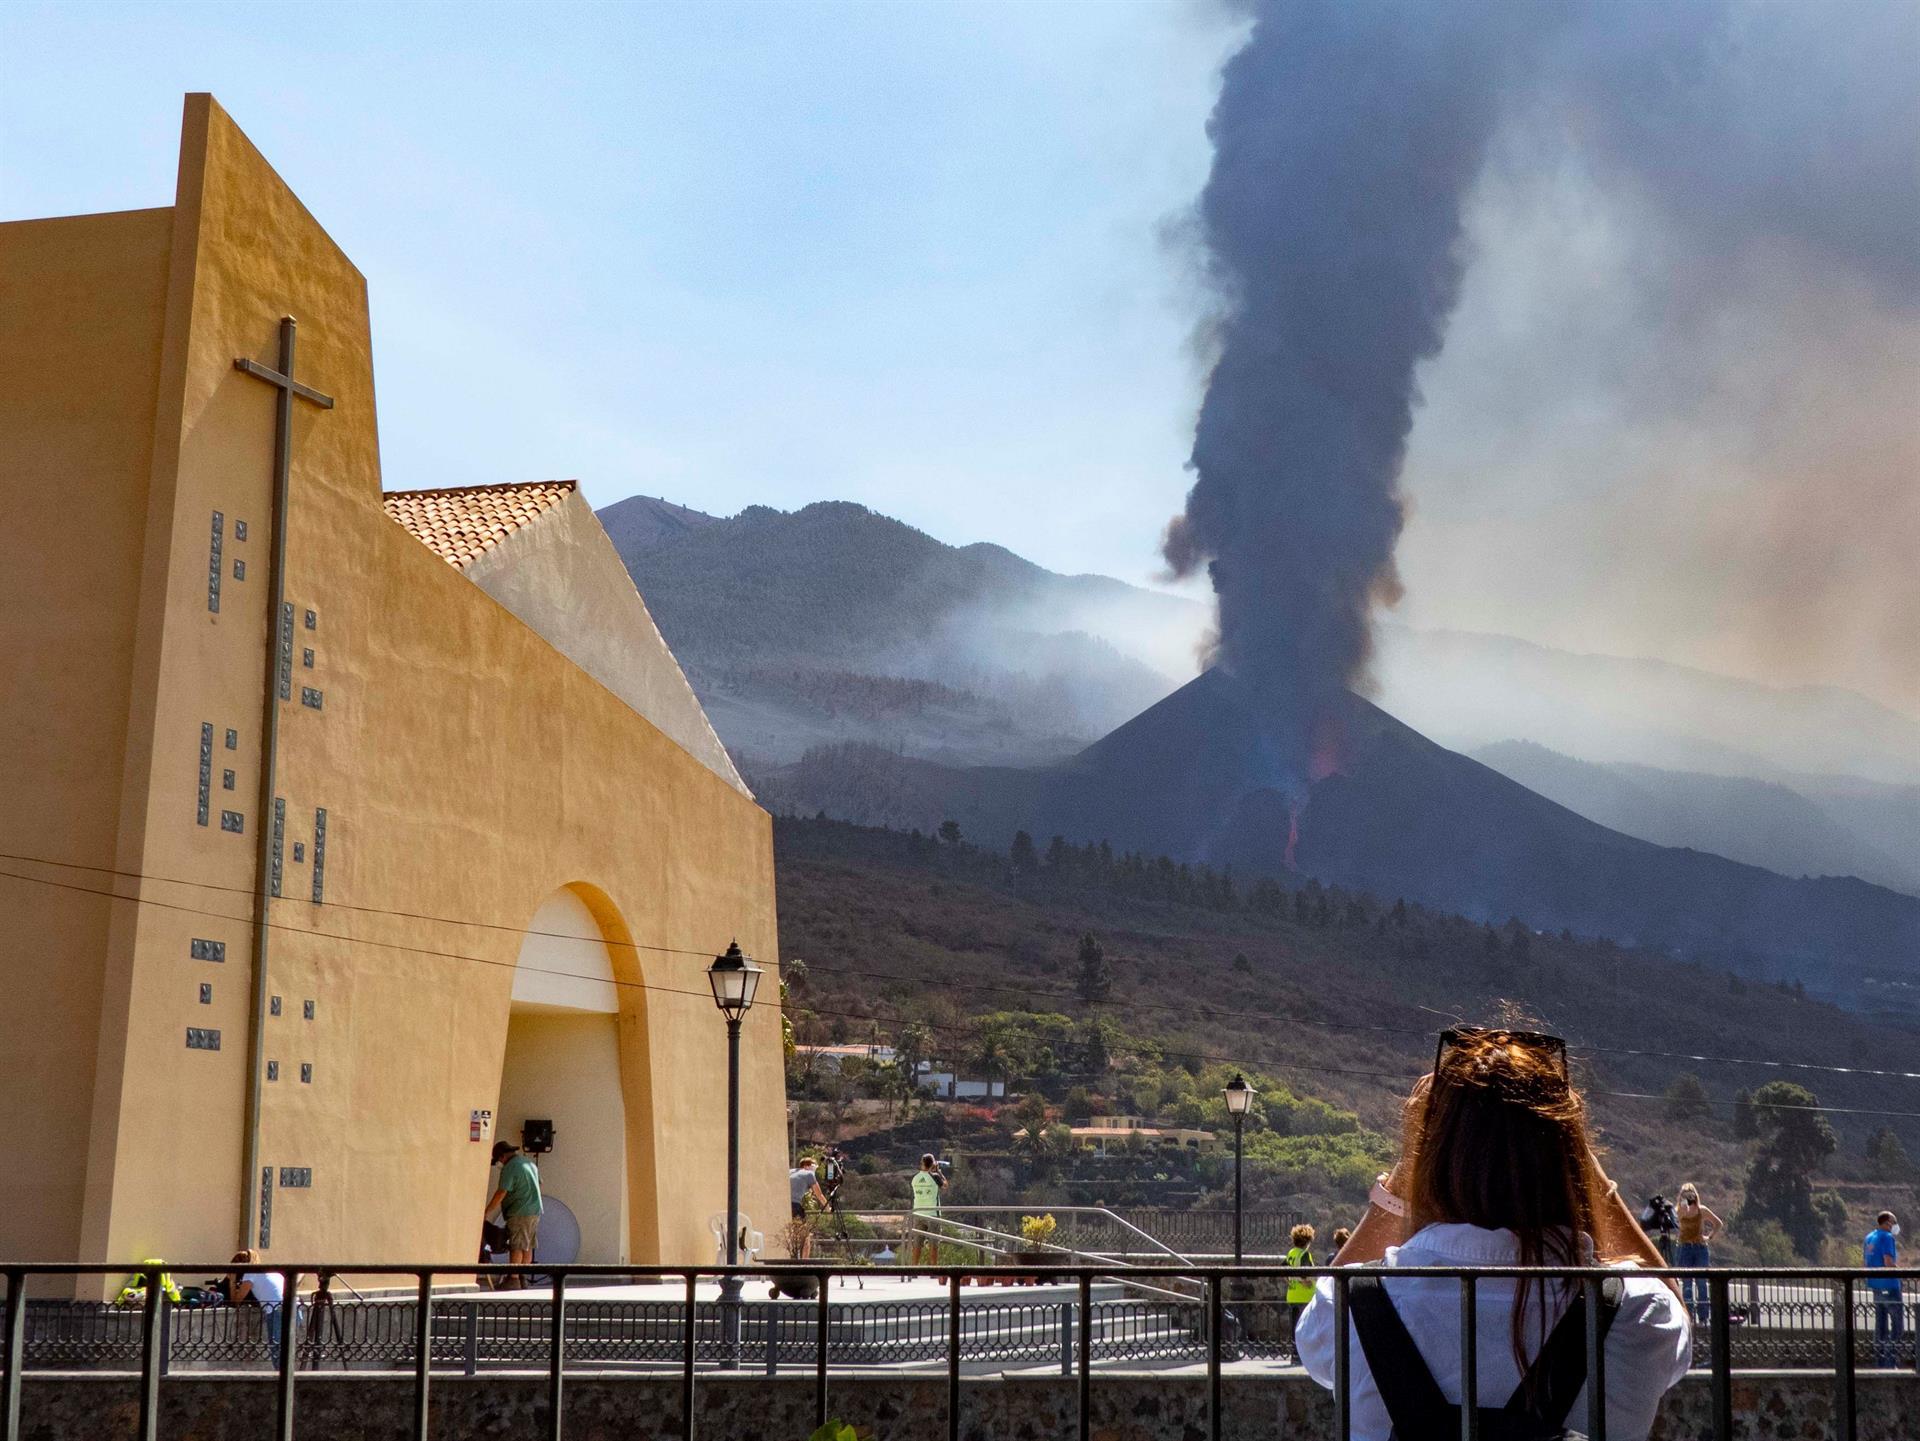 Ruptura del cono del volcán de La Palma amenaza nuevas zonas urbanas